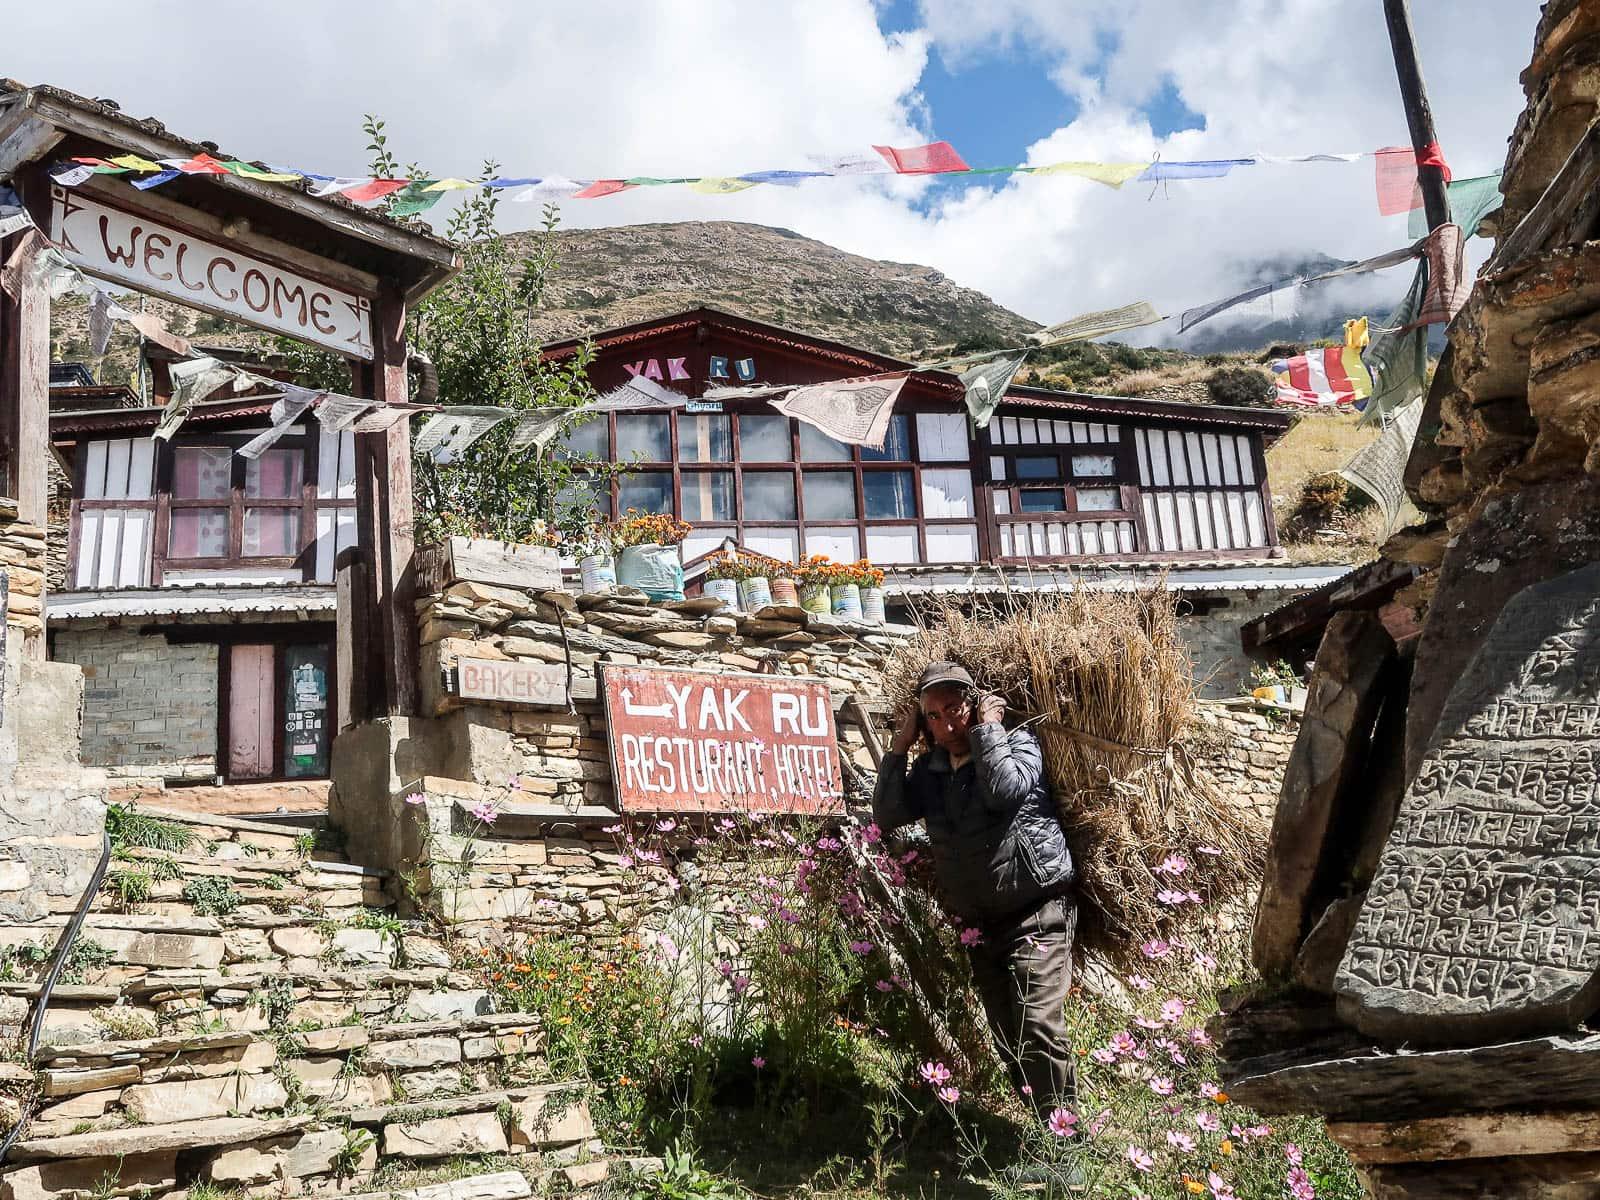 Ghyaru Nepal